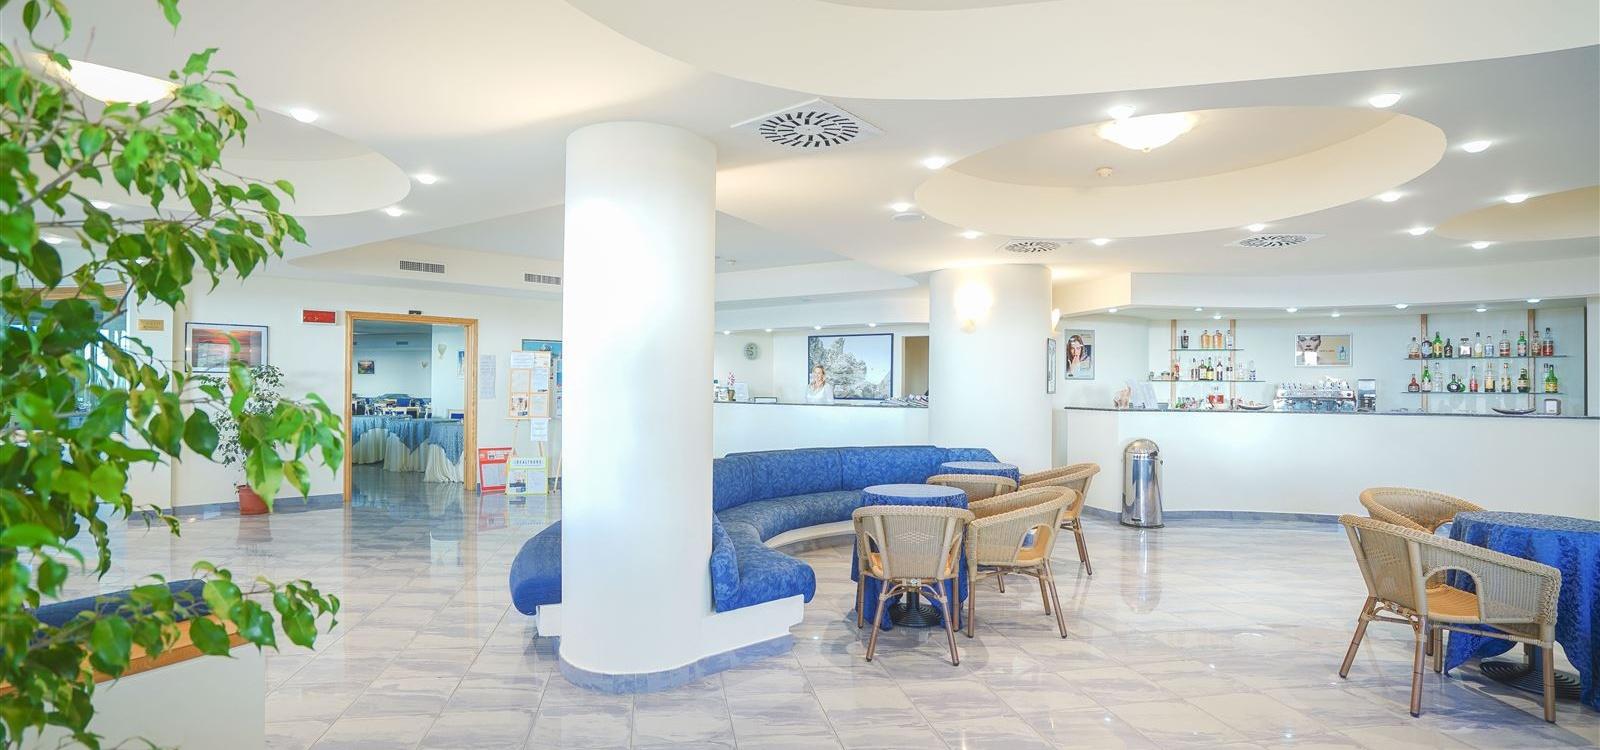 Reception hotel Scoglio del Leone